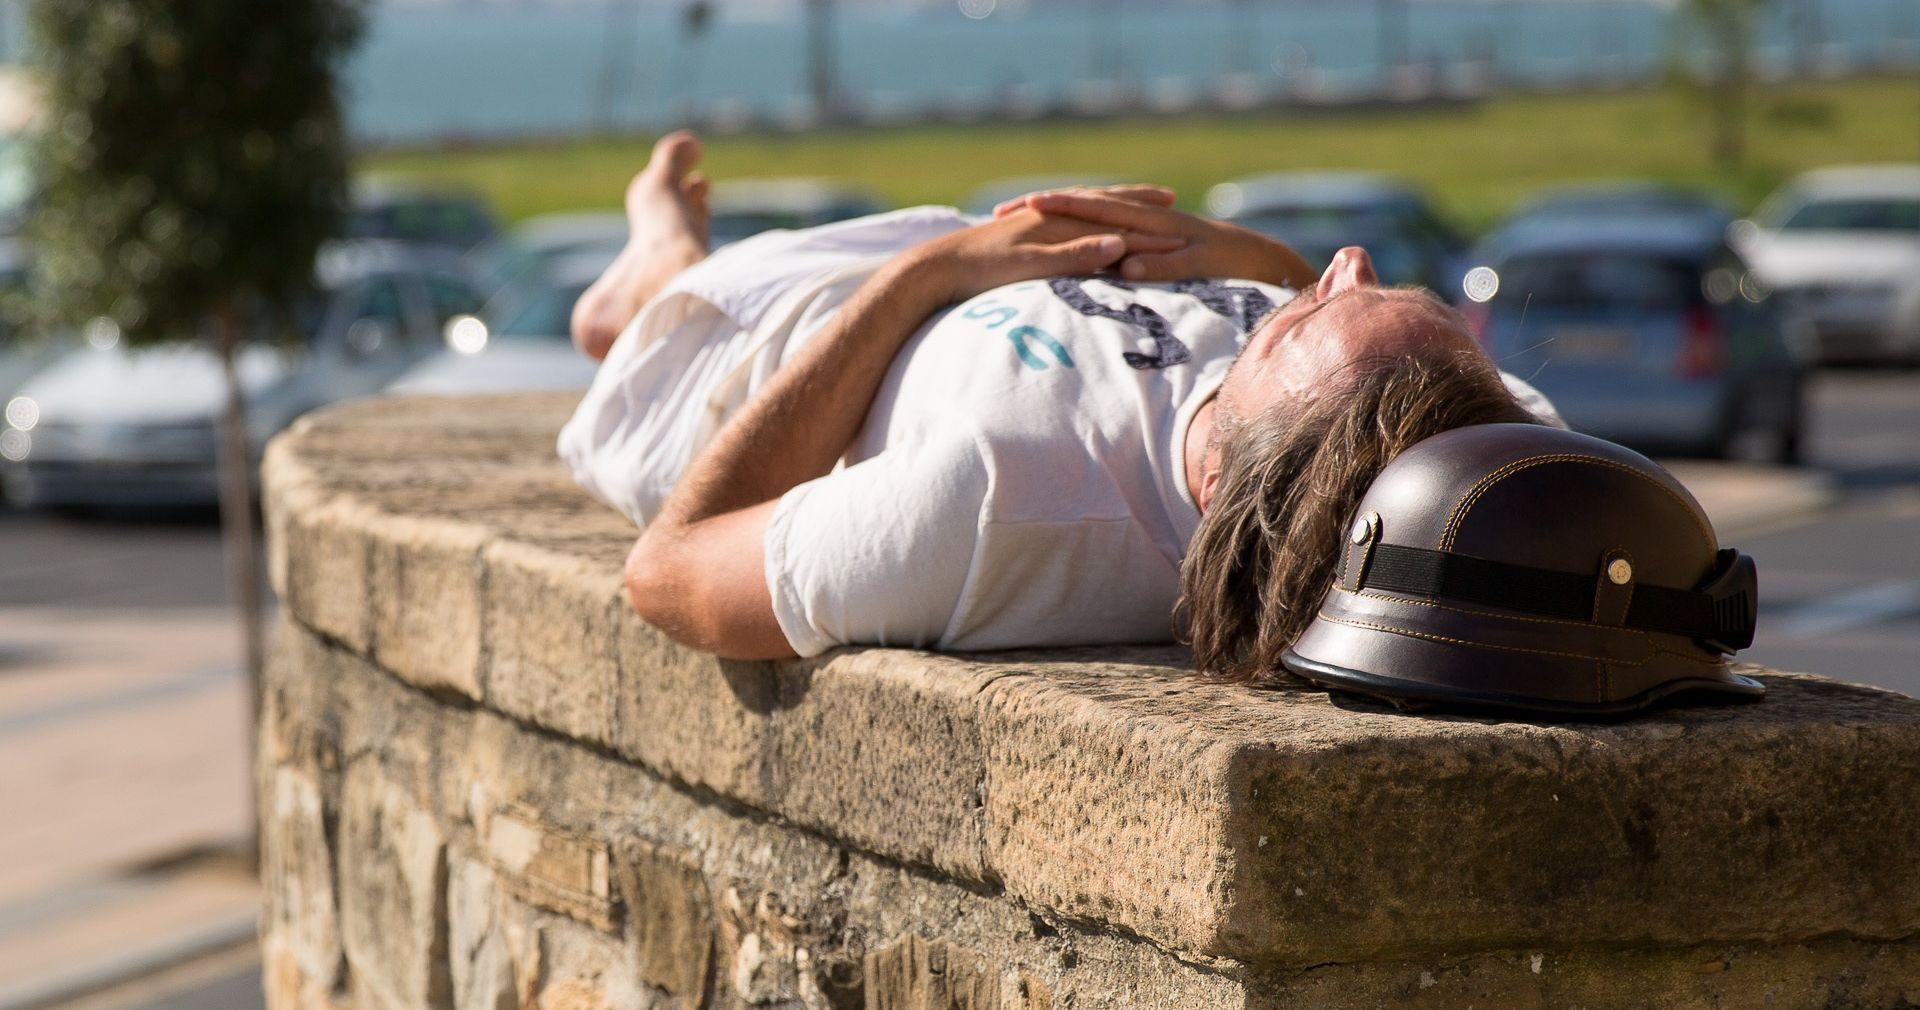 Siesta dobra za zdravlje ako nije dulja od sat vremena?